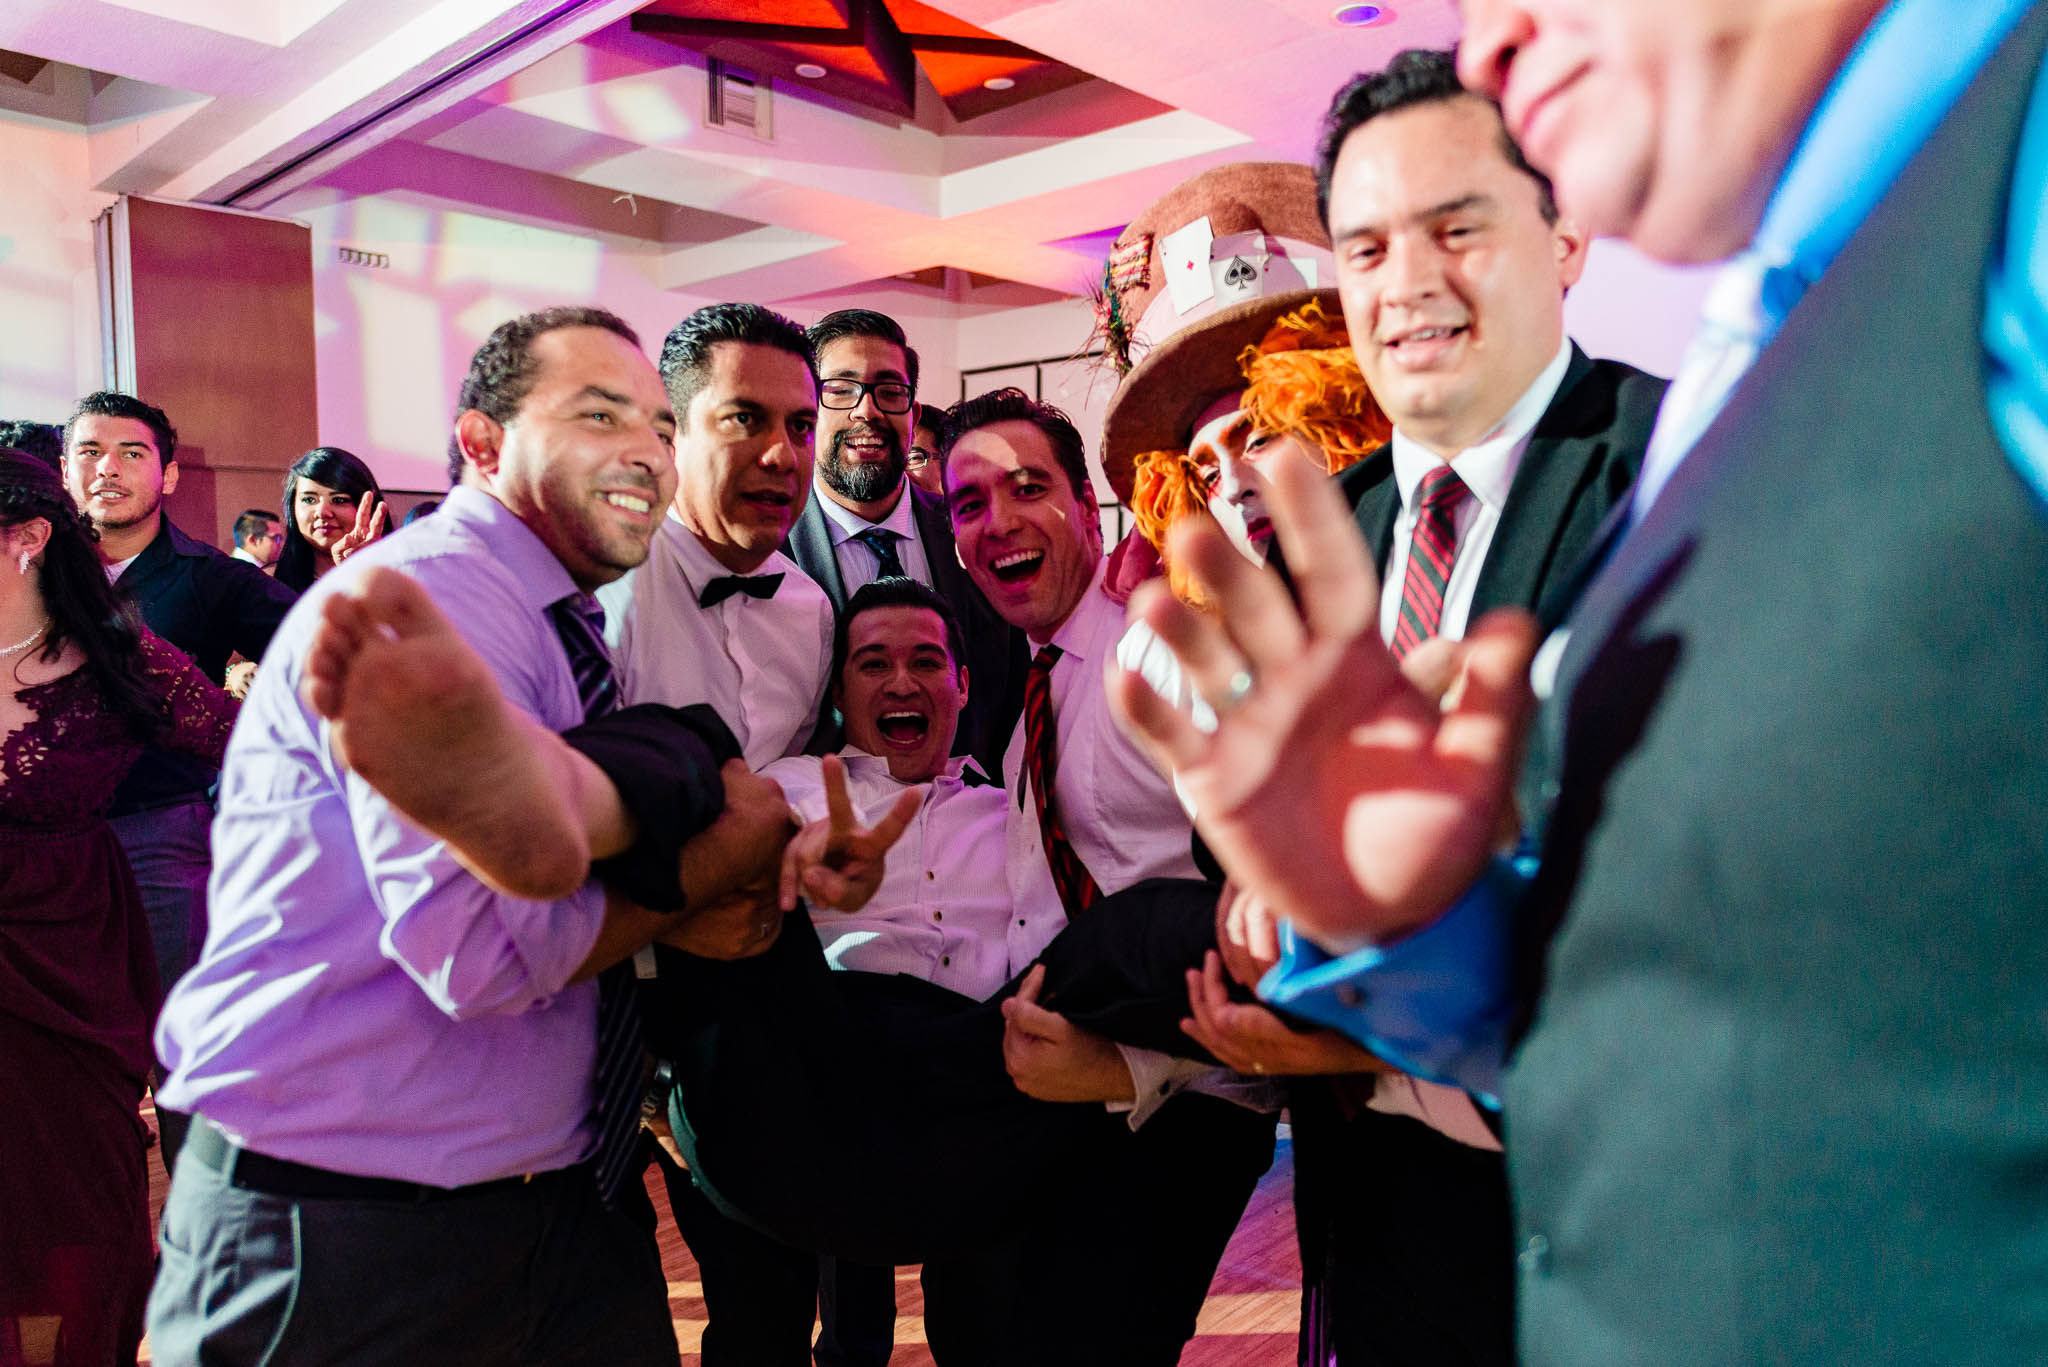 fotografo de bodas san luis potosi boda mexico wedding destination fotos de boda 289